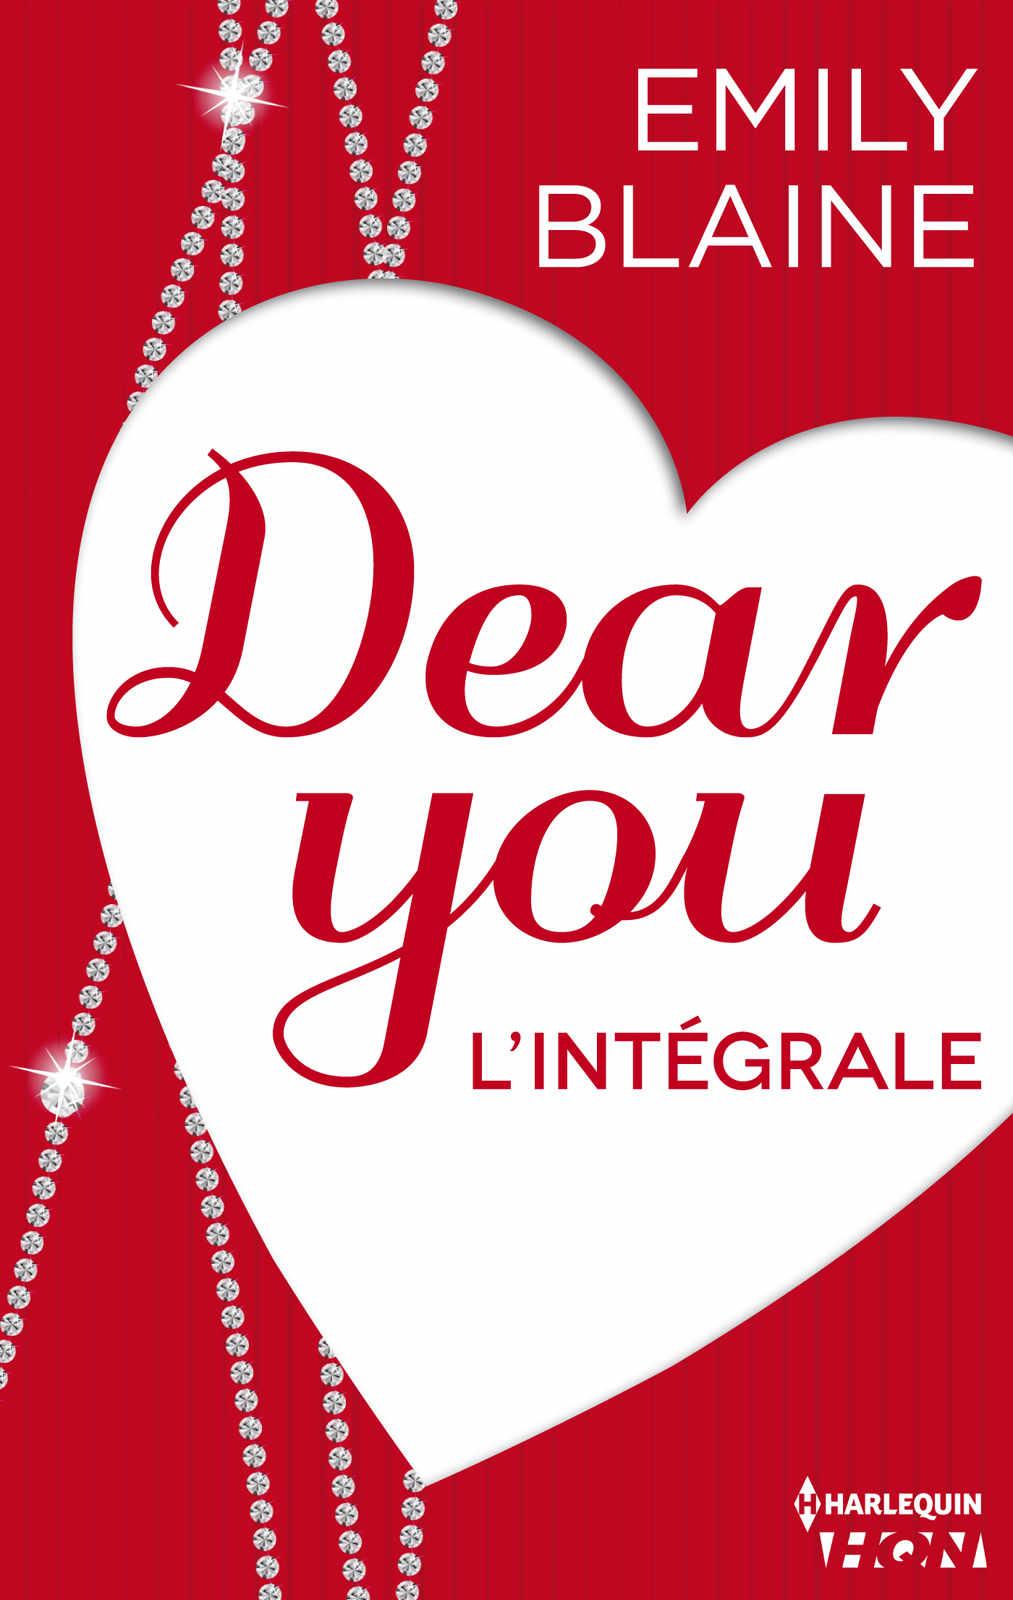 Emily Blaine - Dear You, l'intégrale